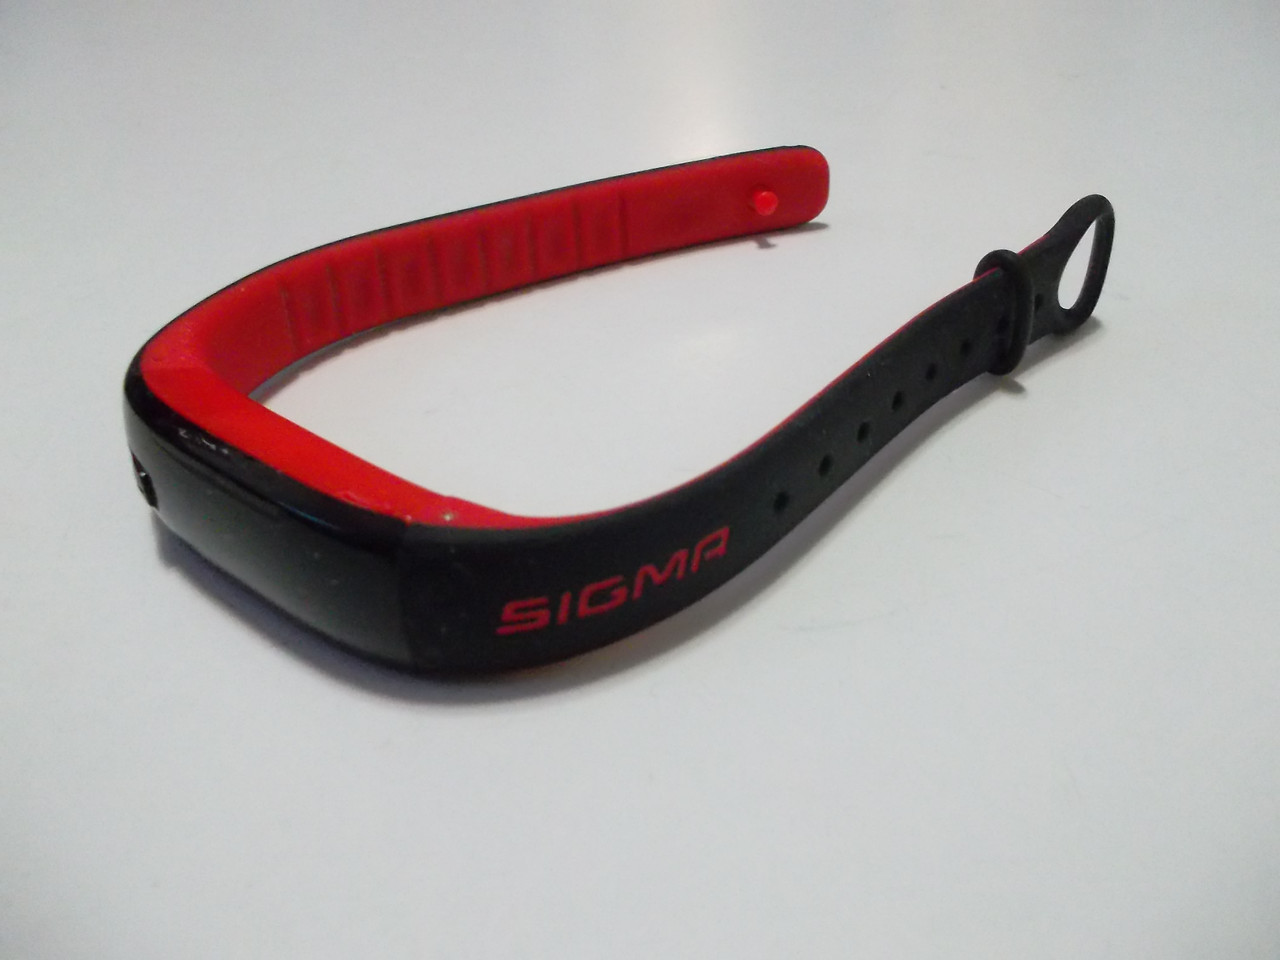 Фитнес браслет Sigma electro Activa №4095